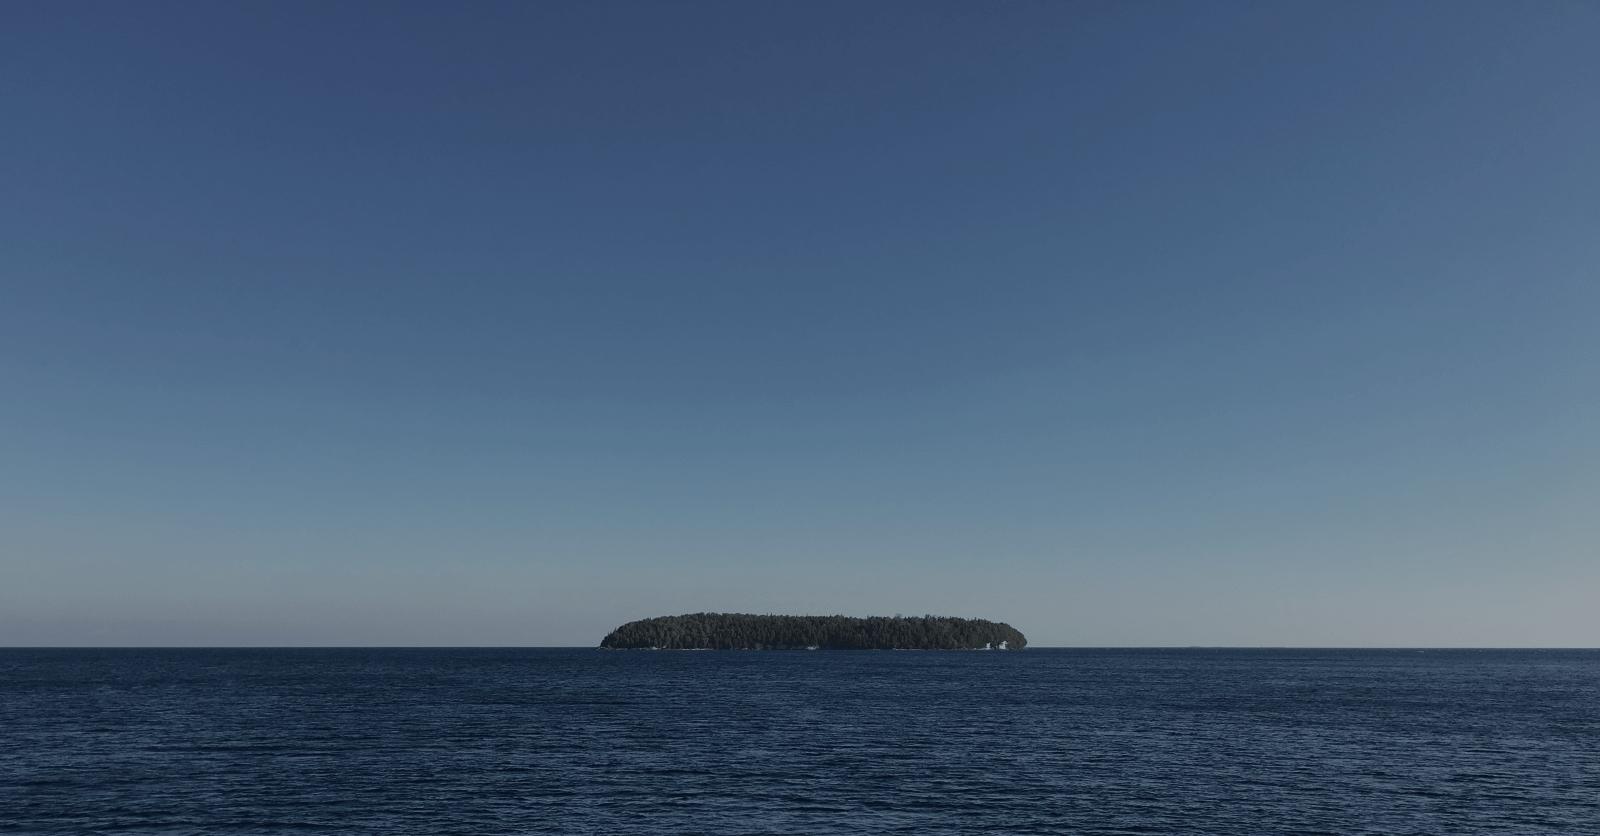 Transportation Paradox island